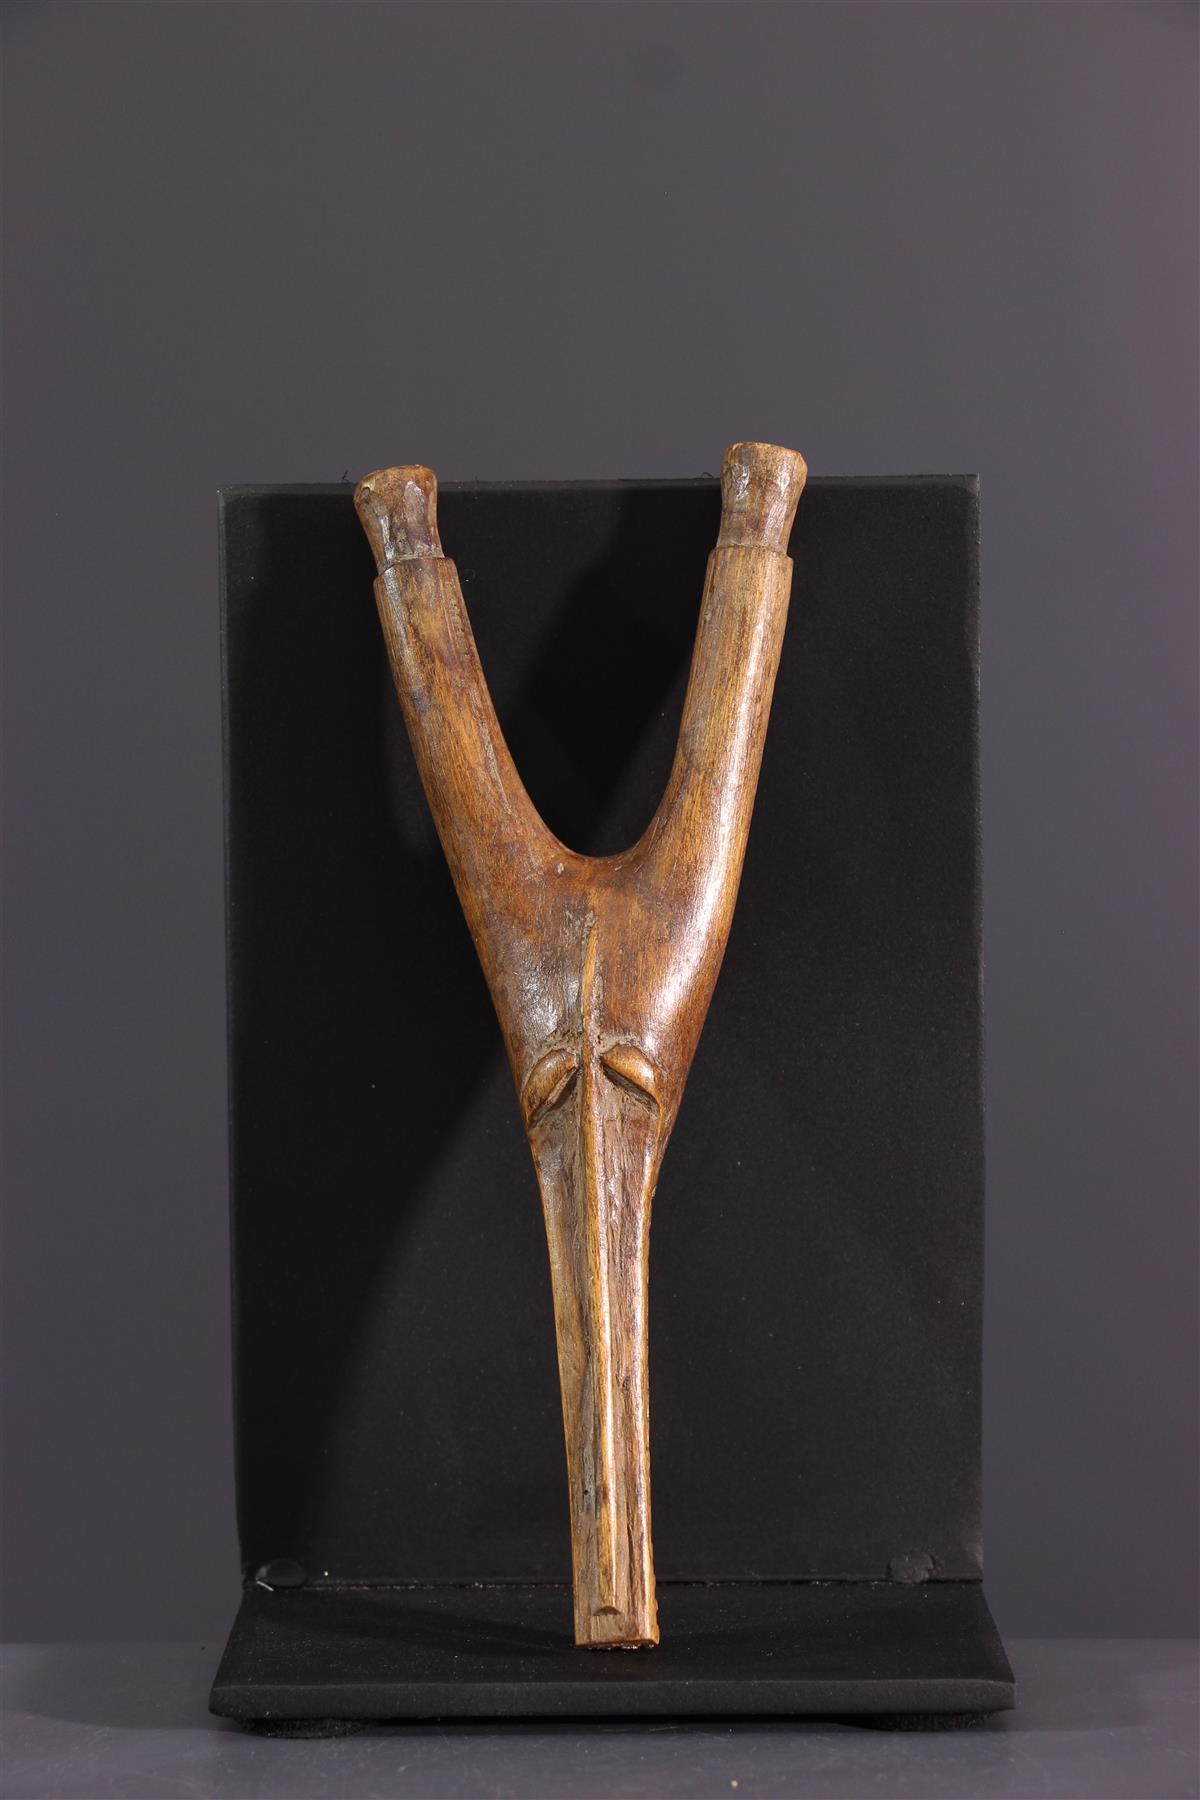 Senoufo slingshot - African art